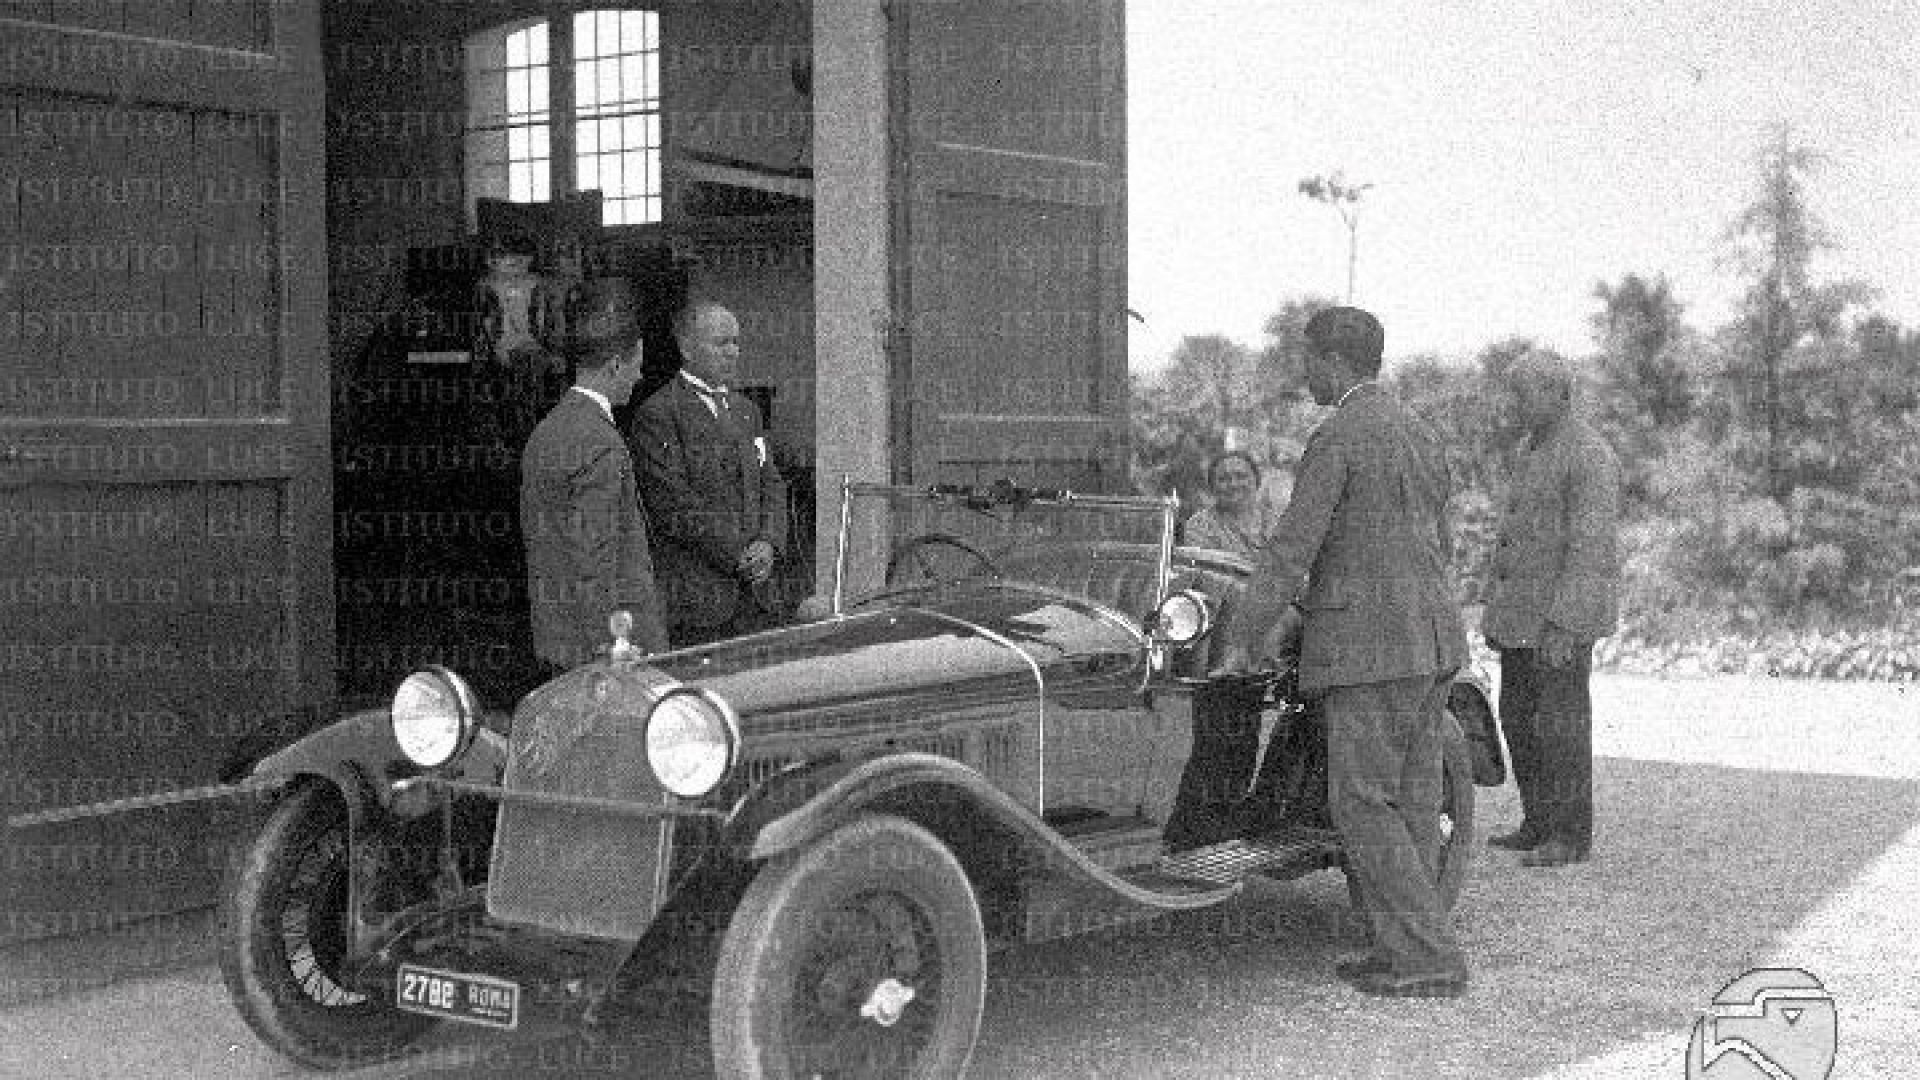 Alfa Romeo 6c 1750 Ss L Auto Del Duce Benito Mussolini Motorbox